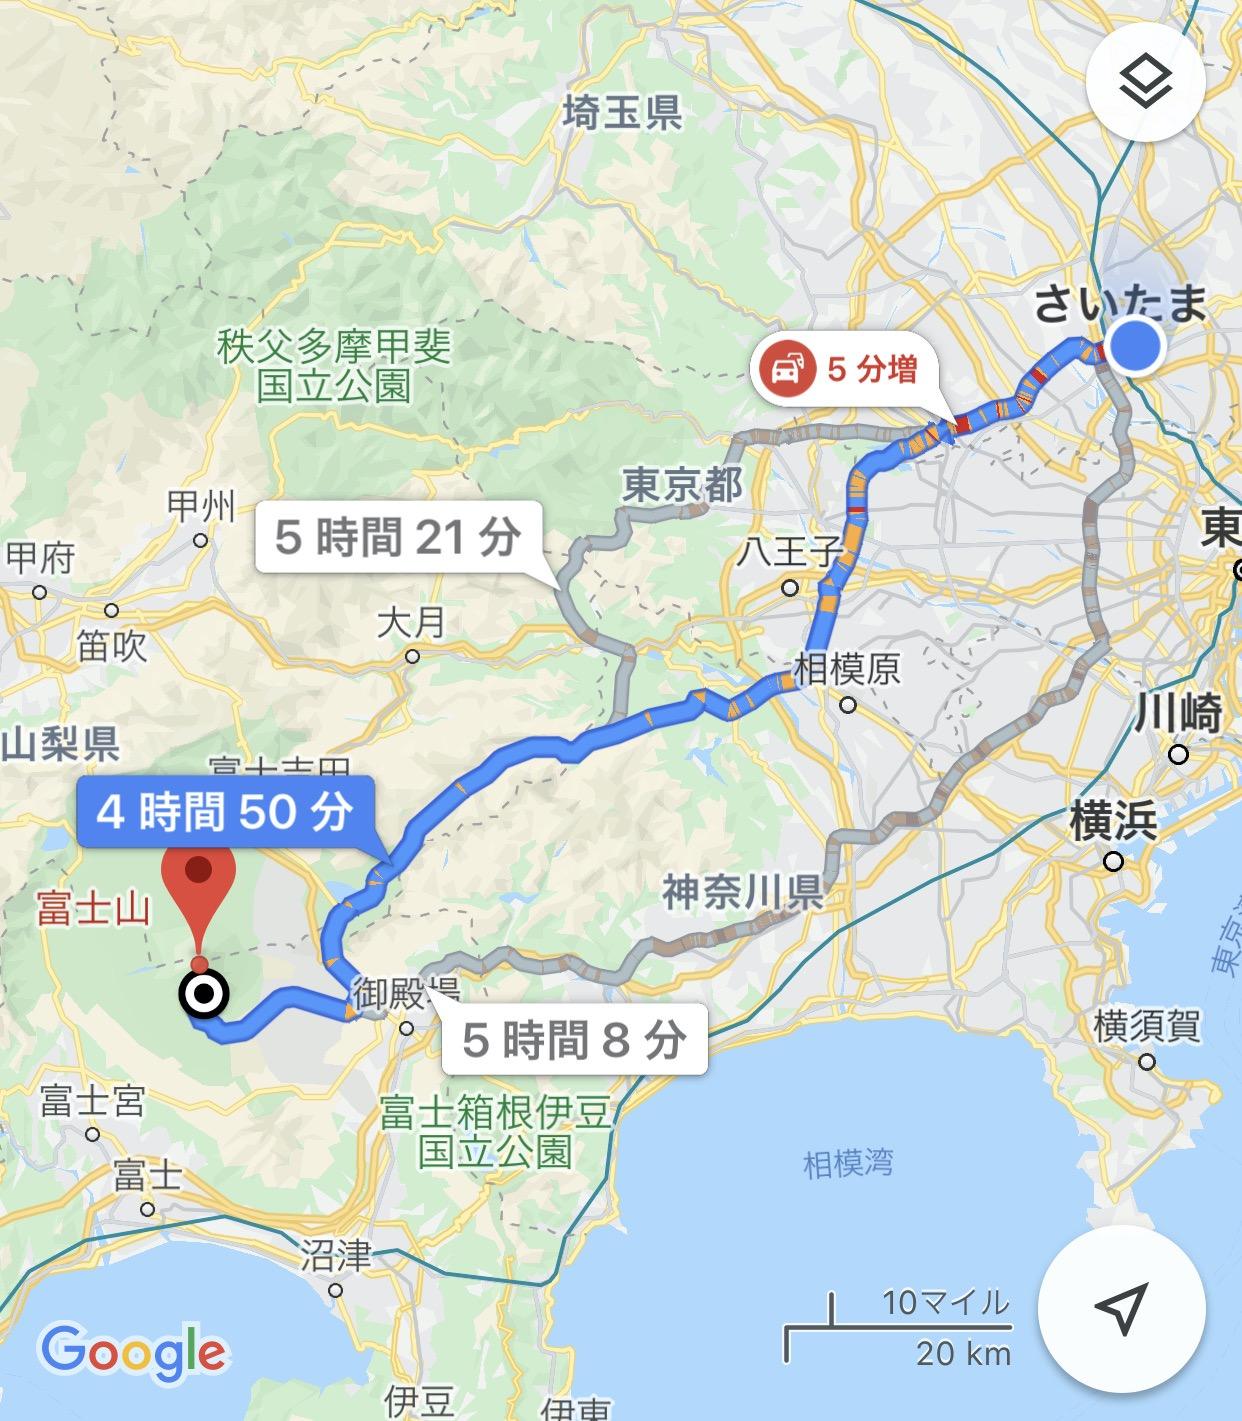 【Googleマップ】ルートの再検索(リルート)が機能していない?